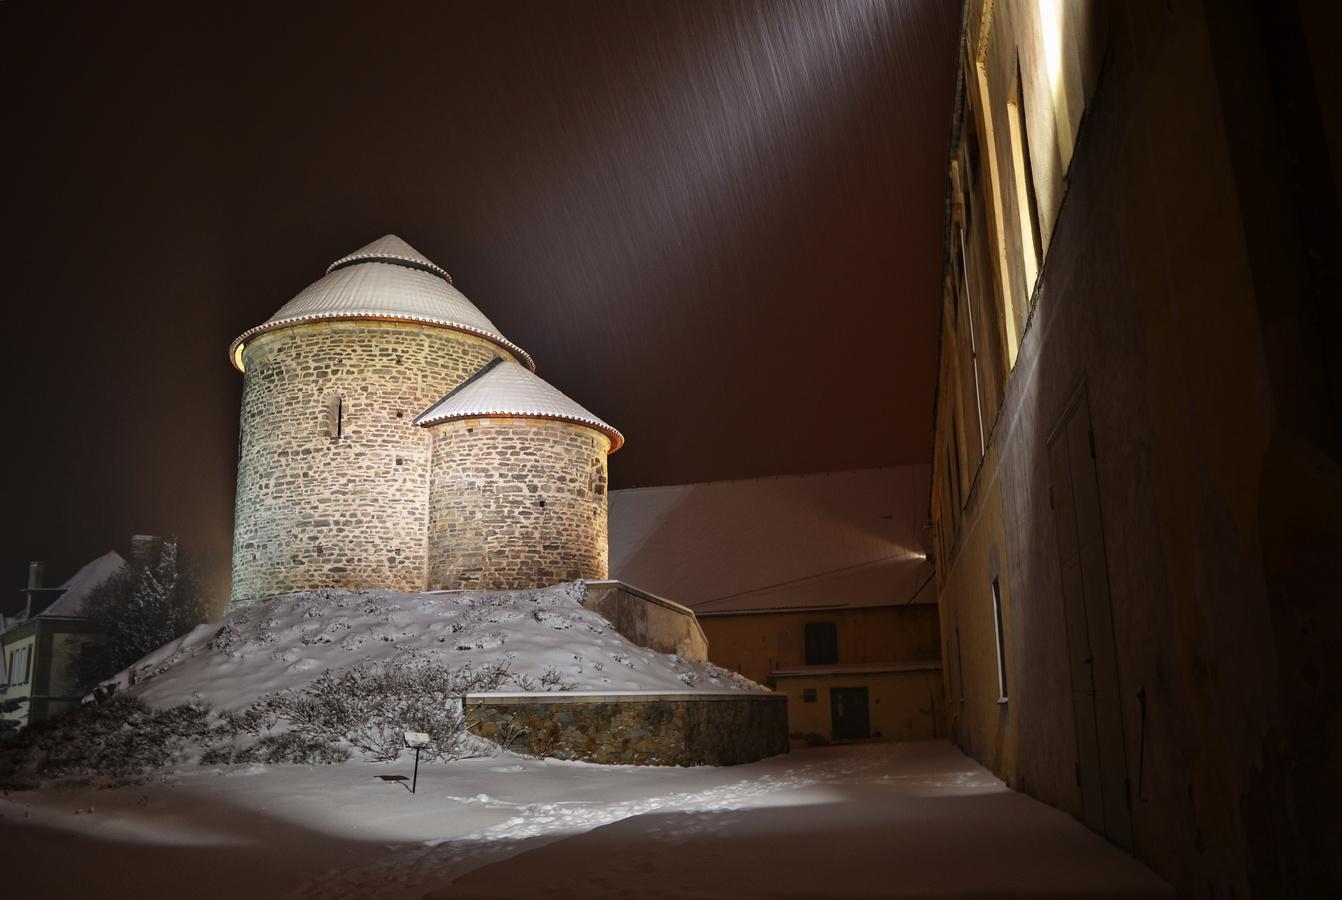 Rotunda sv. Kateřiny ve sněhové peřině